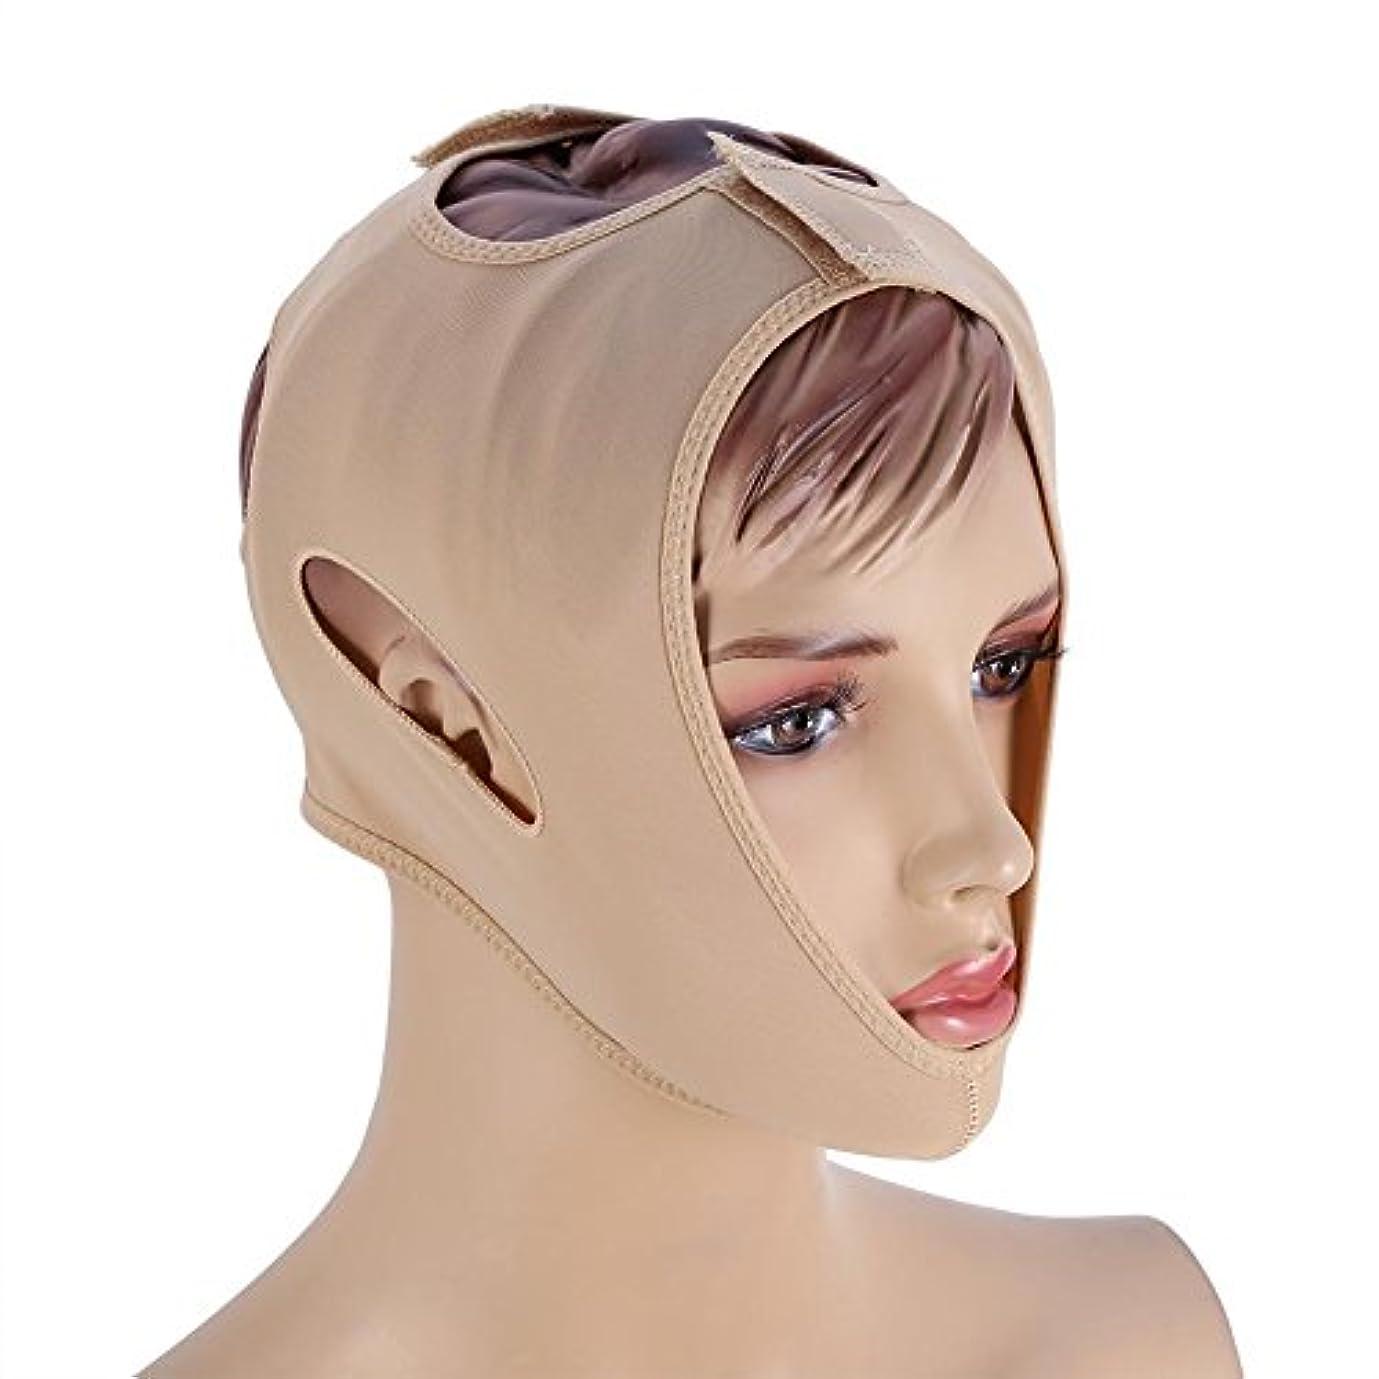 戦艦羨望いくつかのフェイスベルト 額、顎下、頬リフトアップ 小顔 美顔 頬のたるみ 引き上げマスク便利 伸縮性 繊維 (L码)